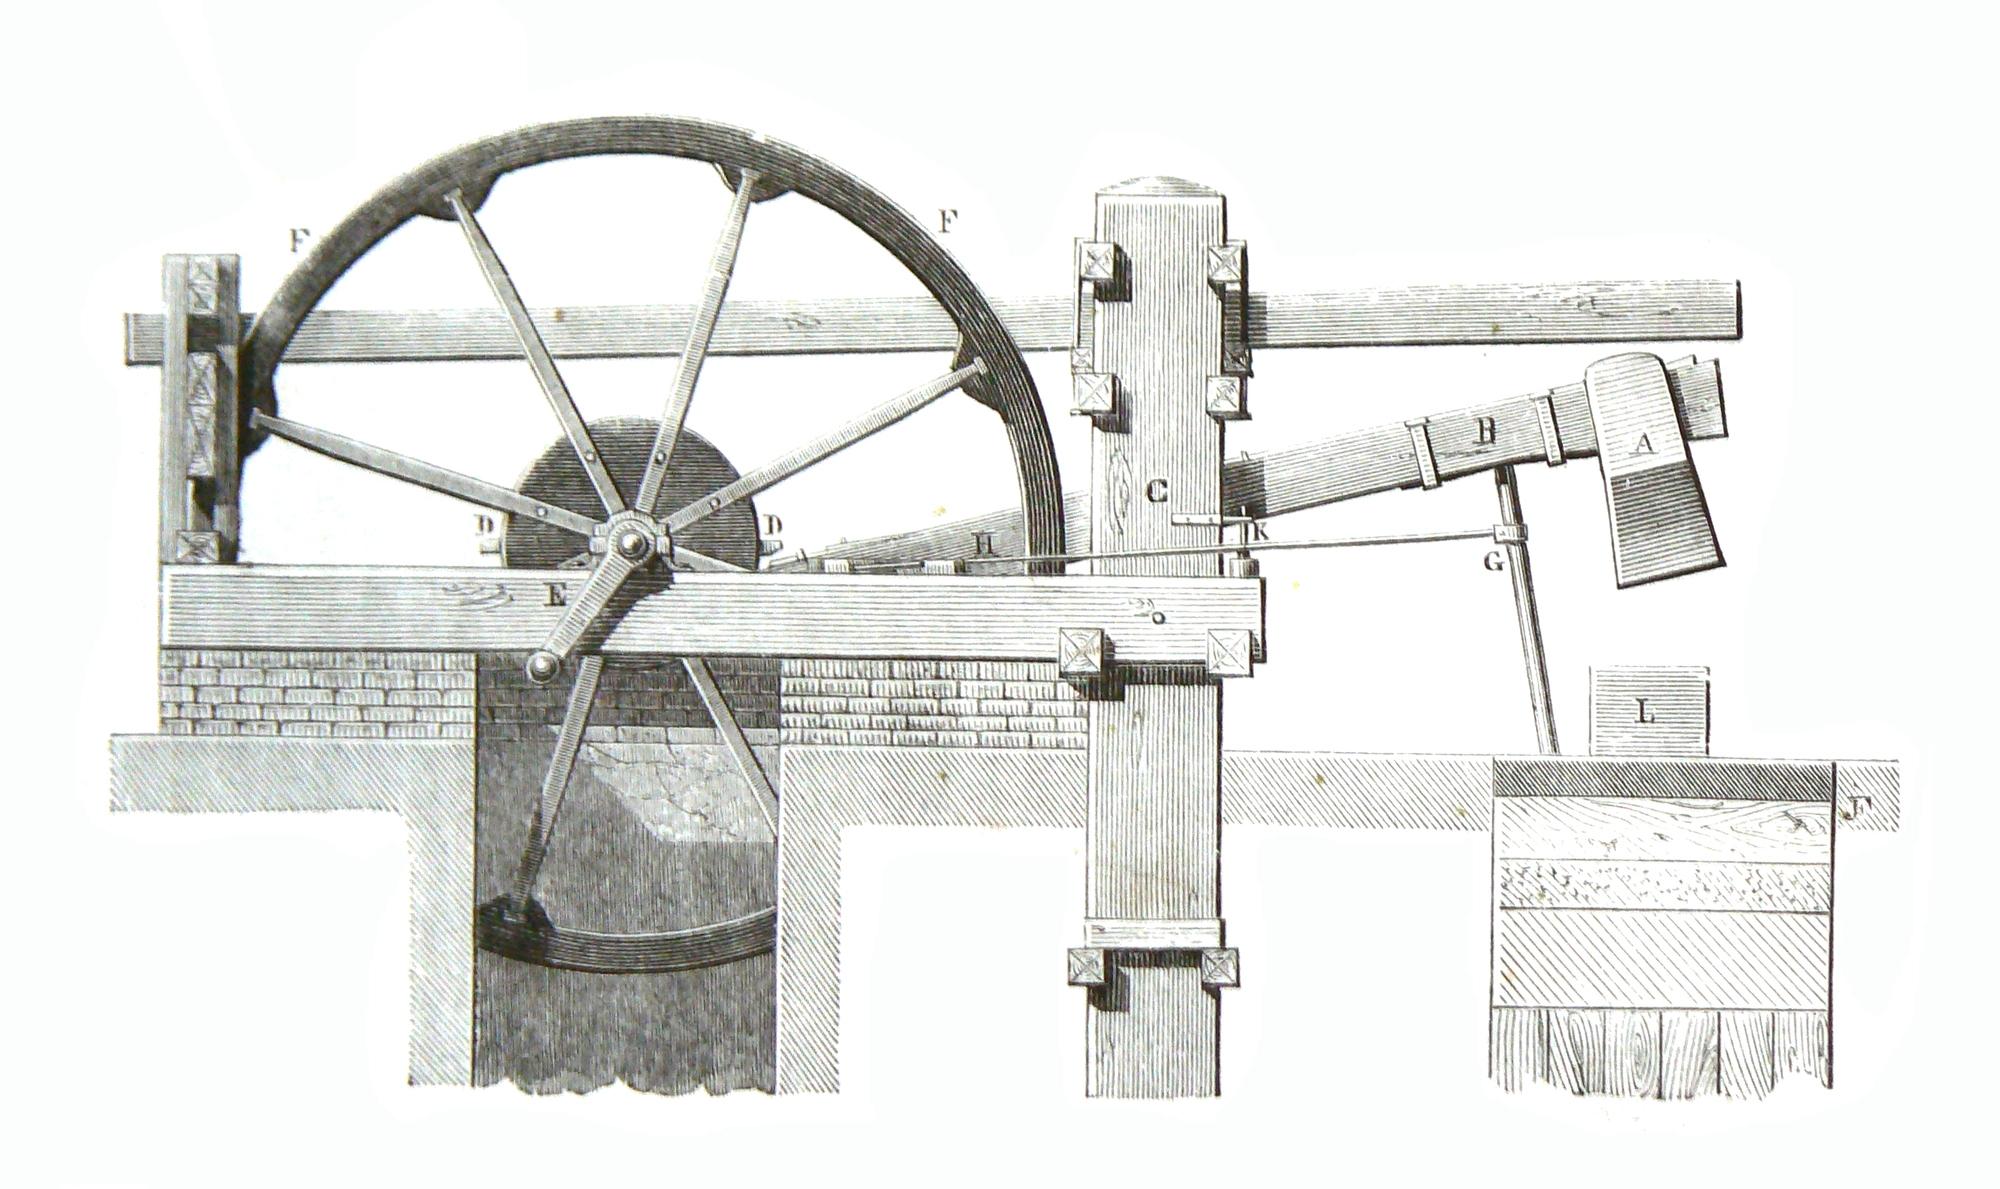 Illustration du martinet - cours de mécanique de Charles Delaunay, édition 1868